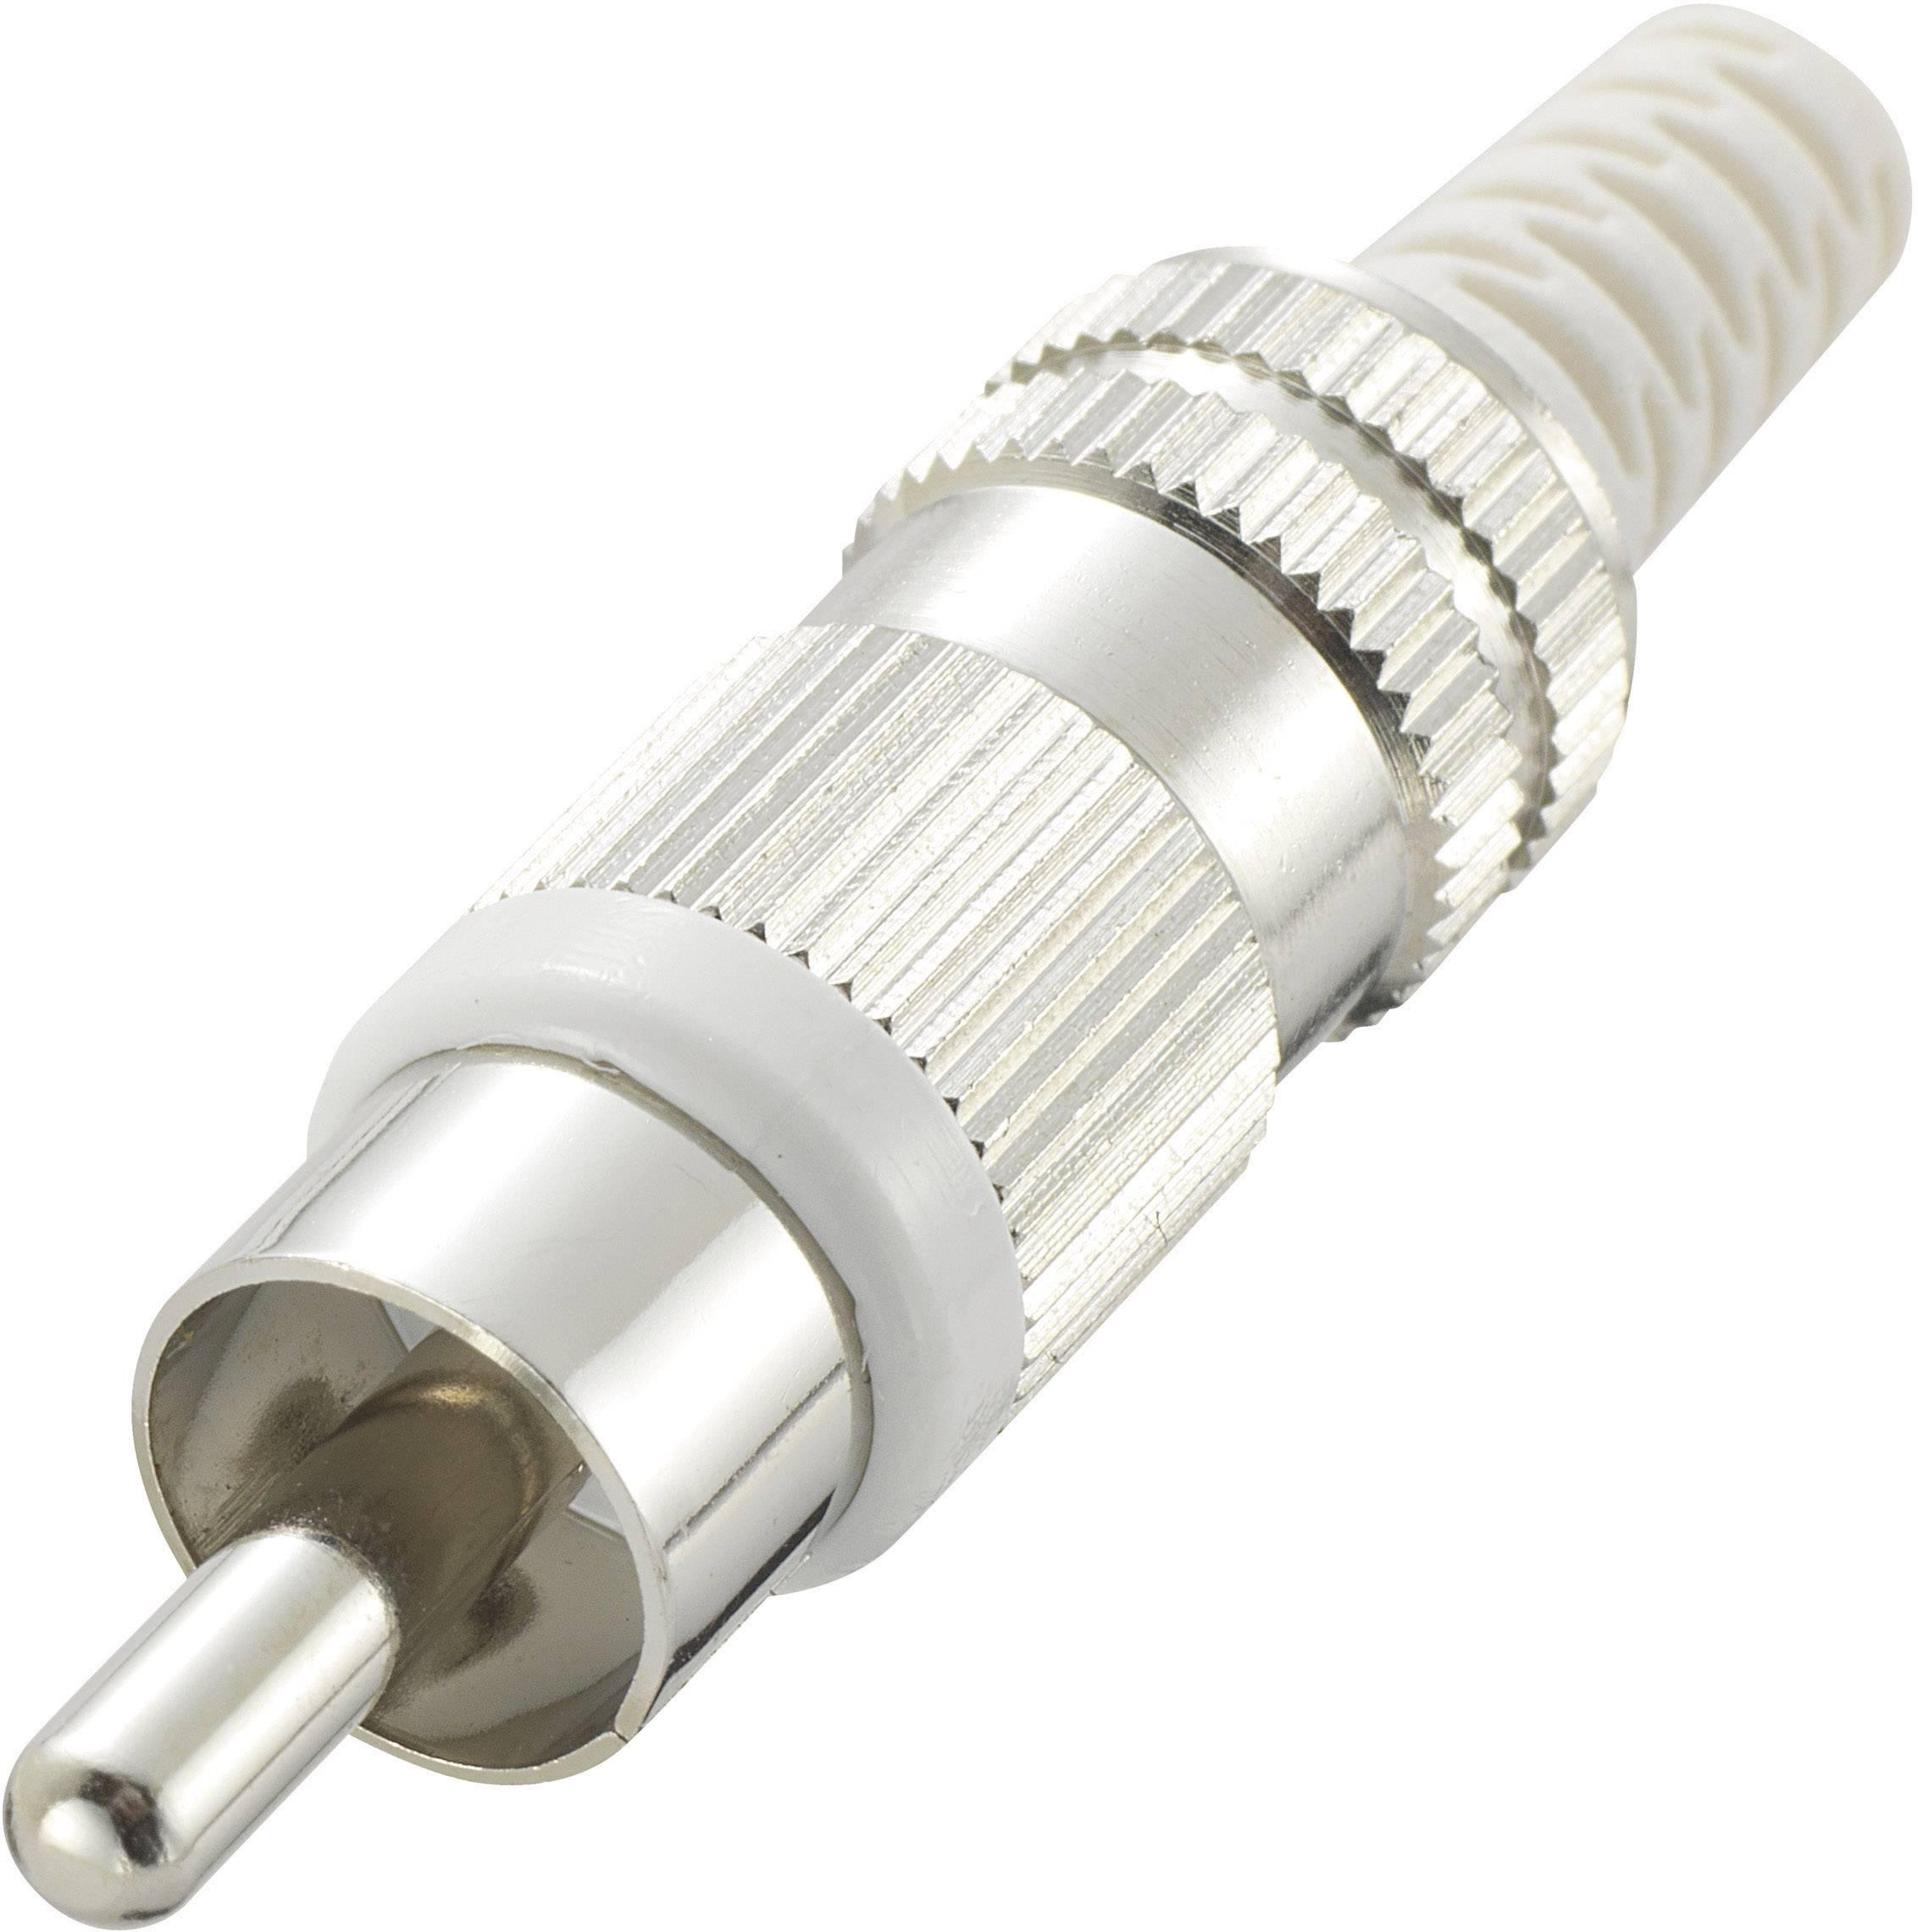 Cinch konektor Conrad Components zástrčka, rovná, pólů 2, bílá, poniklovaný, 1 ks